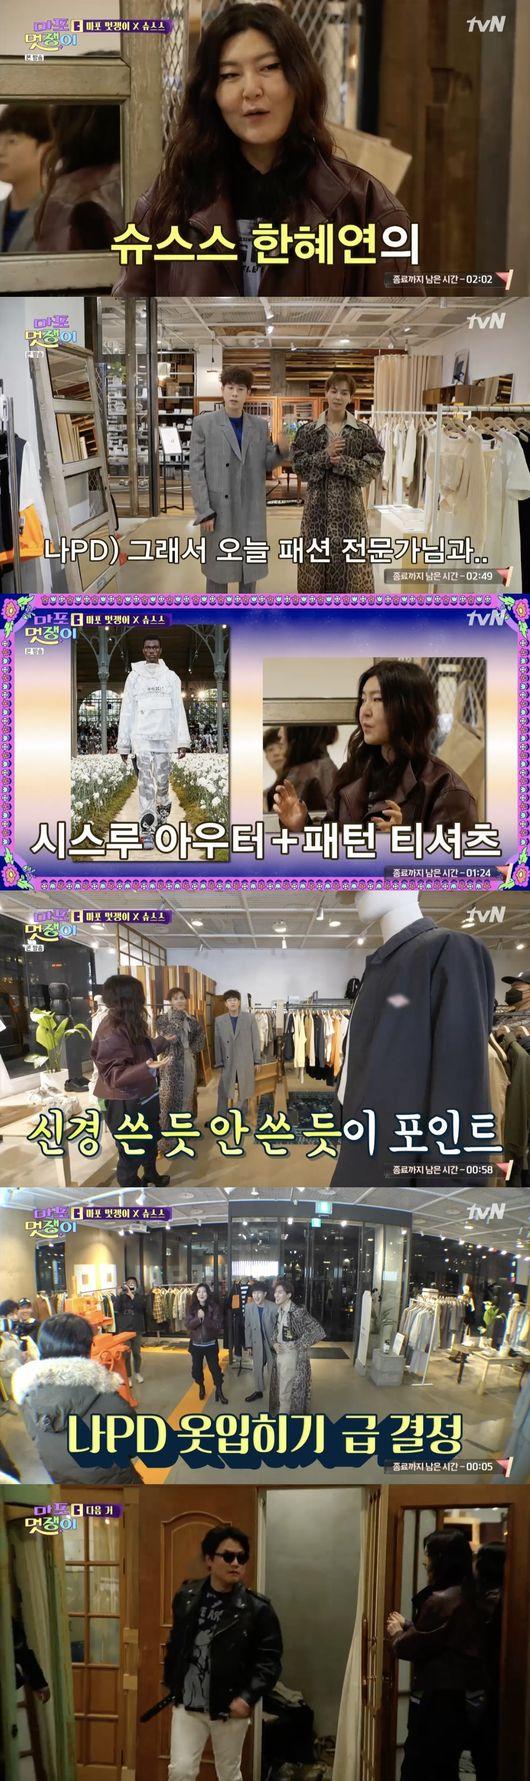 '마포멋쟁이' 송민호vs피오, 떡볶이 패션 대결...'슈스스' 한혜연 등장 [어저께TV]